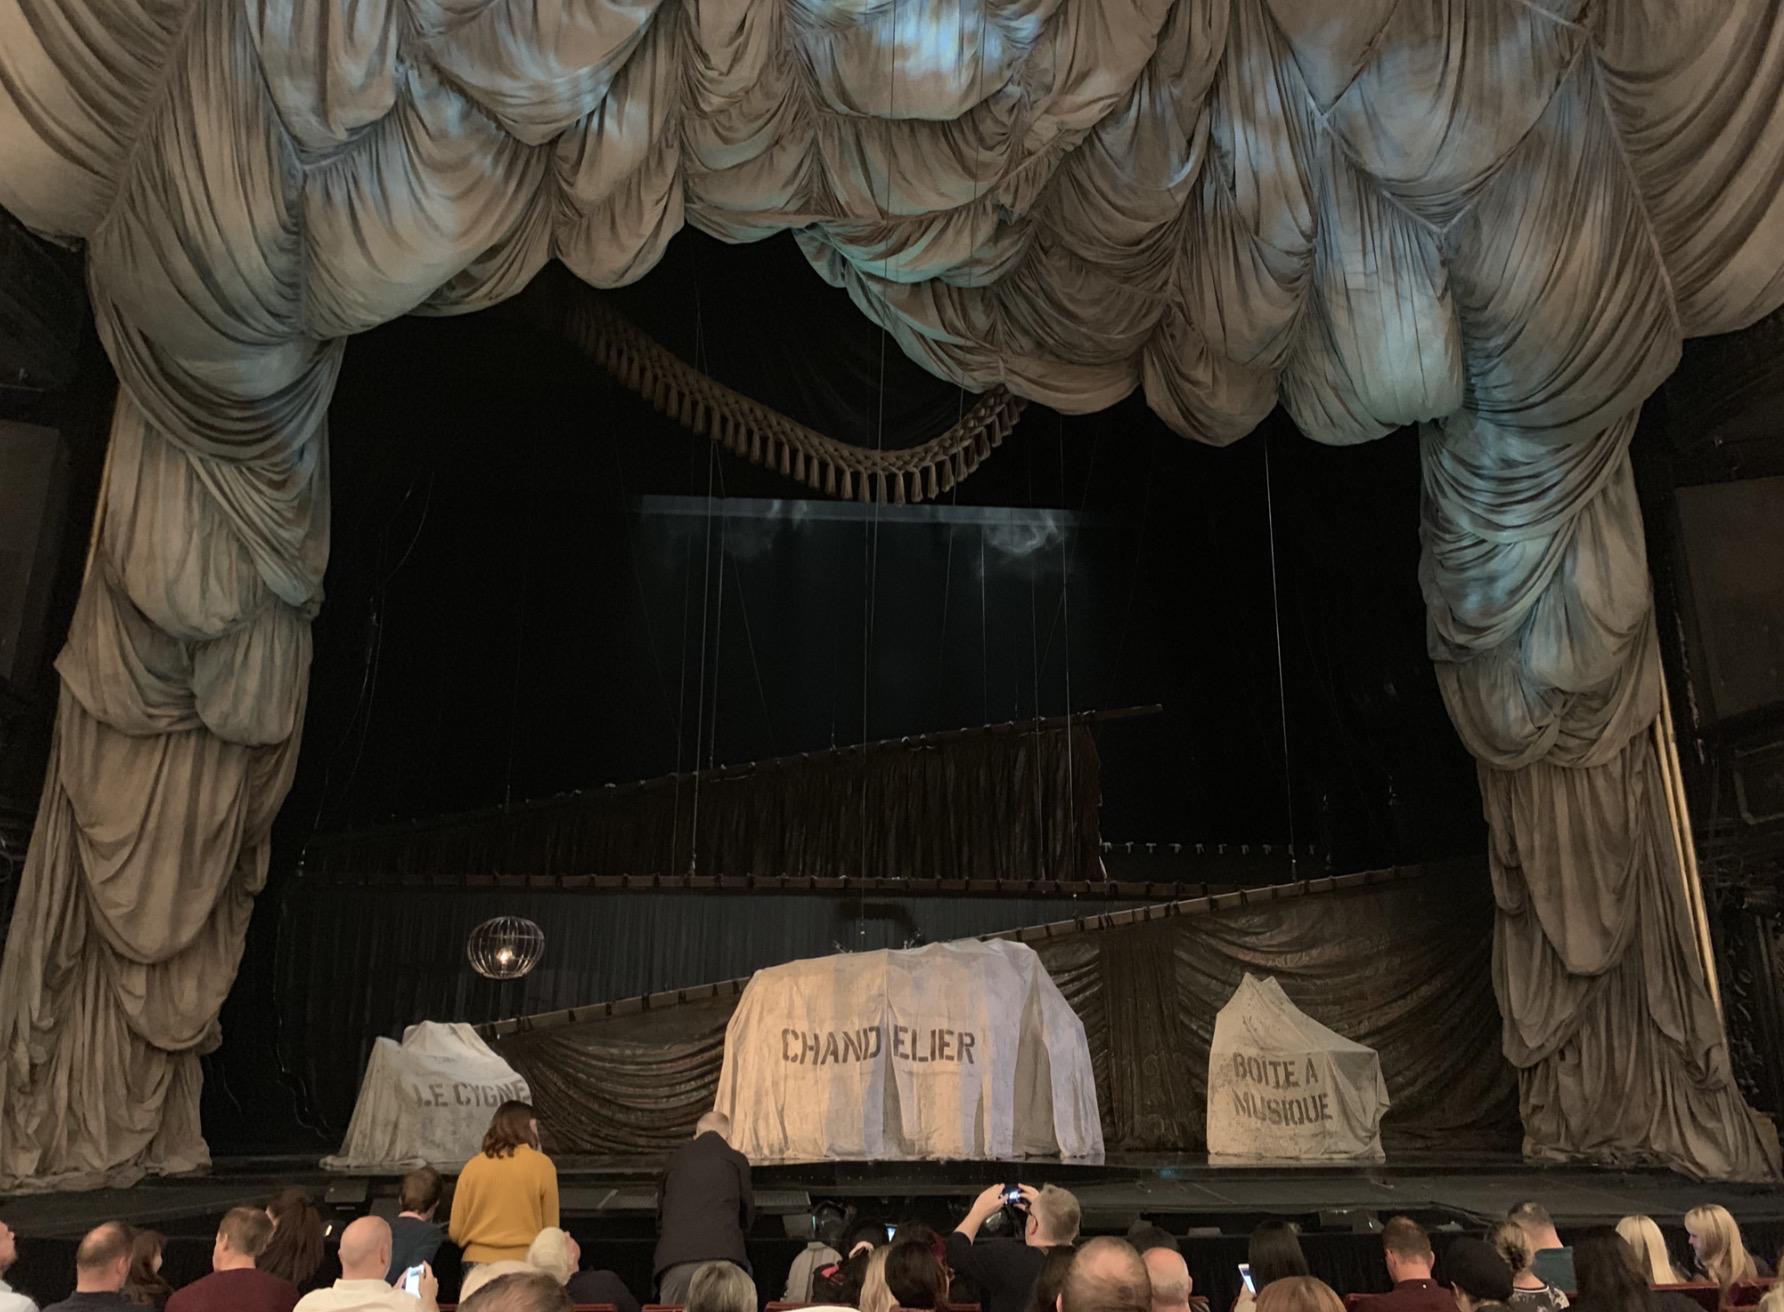 《歌剧魅影》就是伦敦西区的招牌 邓羽 图